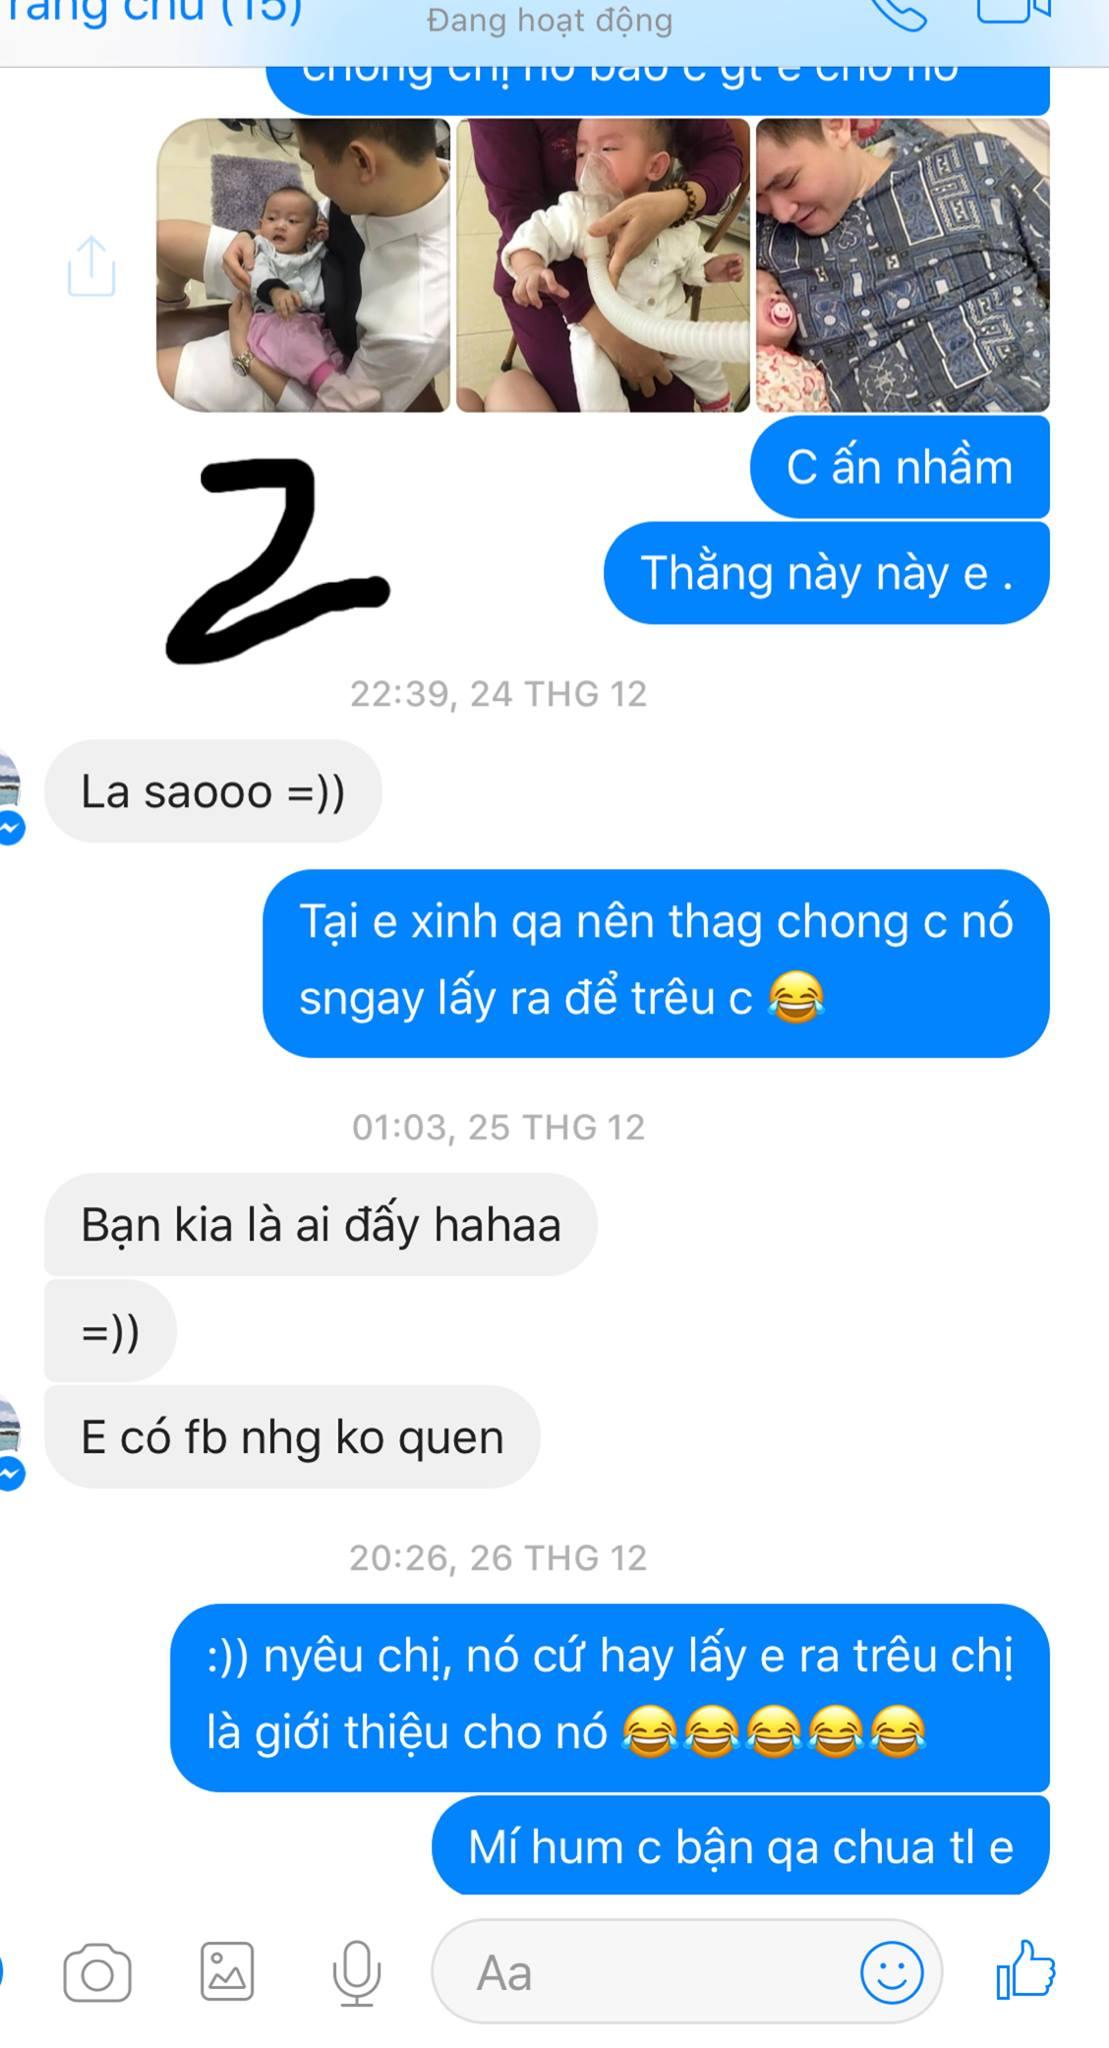 Cô gái tố Á hậu thả thính bạn trai chỉnh sửa nội dung đoạn chat sau khi làm việc với luật sư của Huyền My - Ảnh 2.